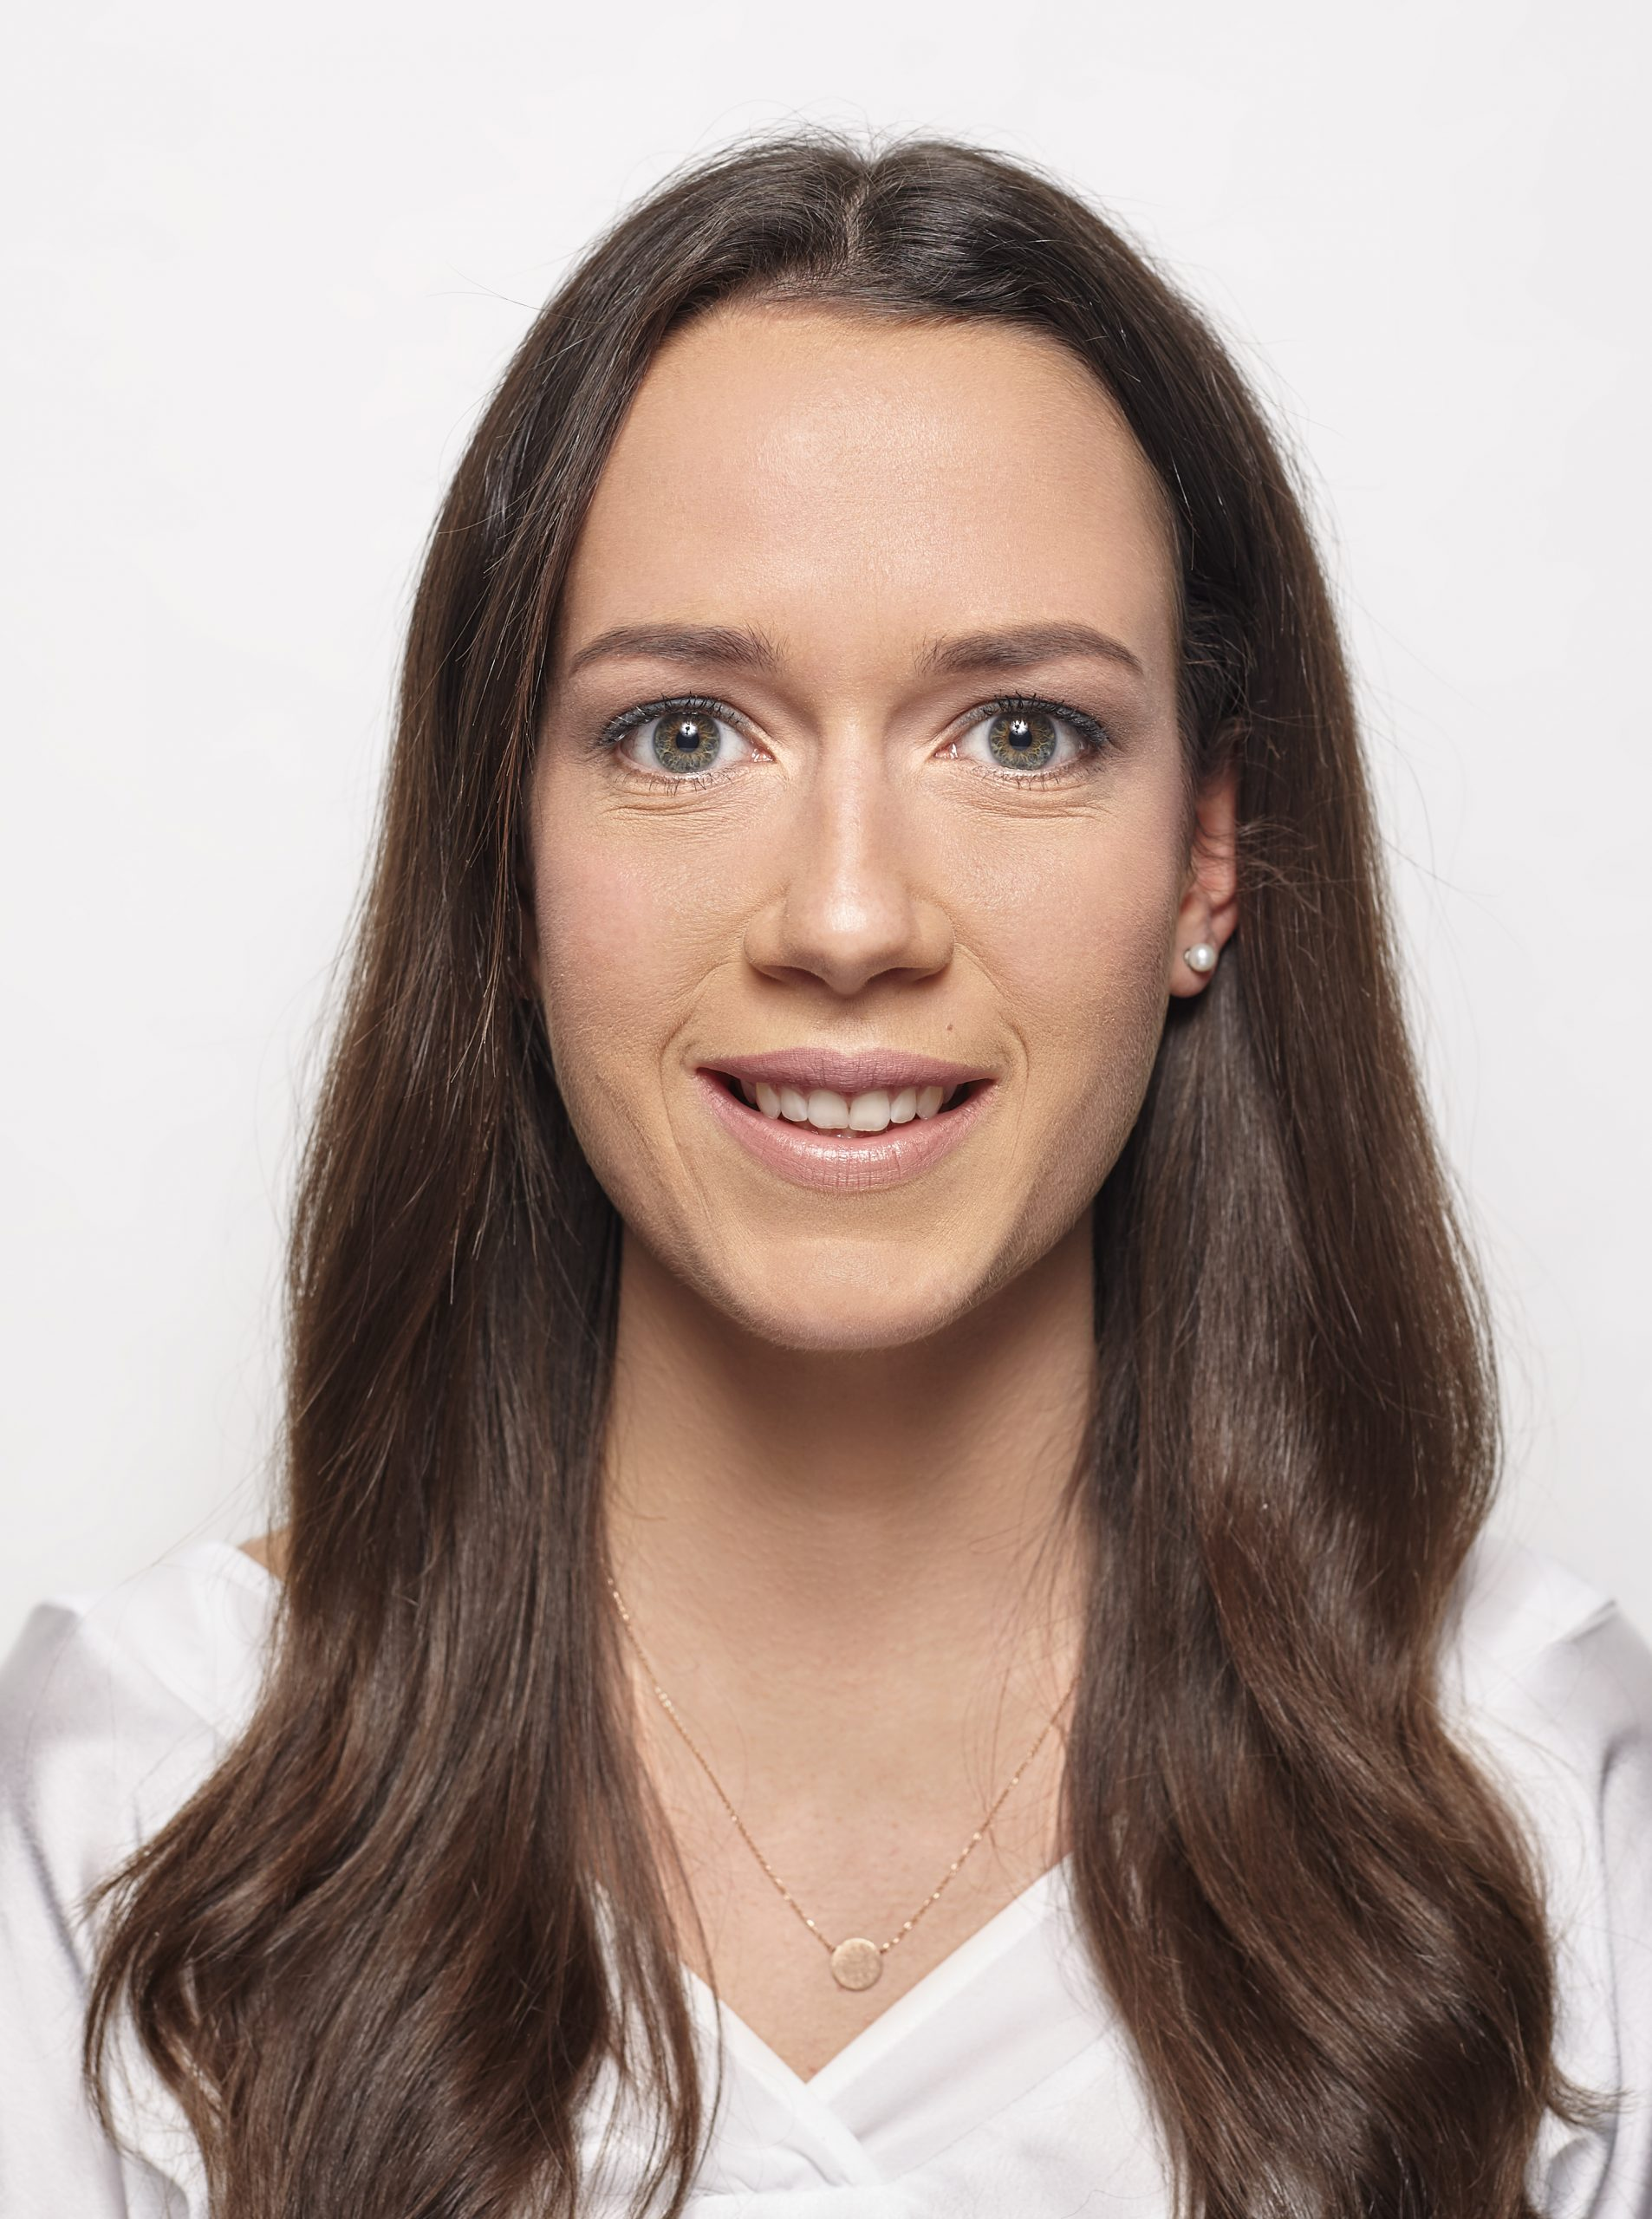 Laura von Leliwa